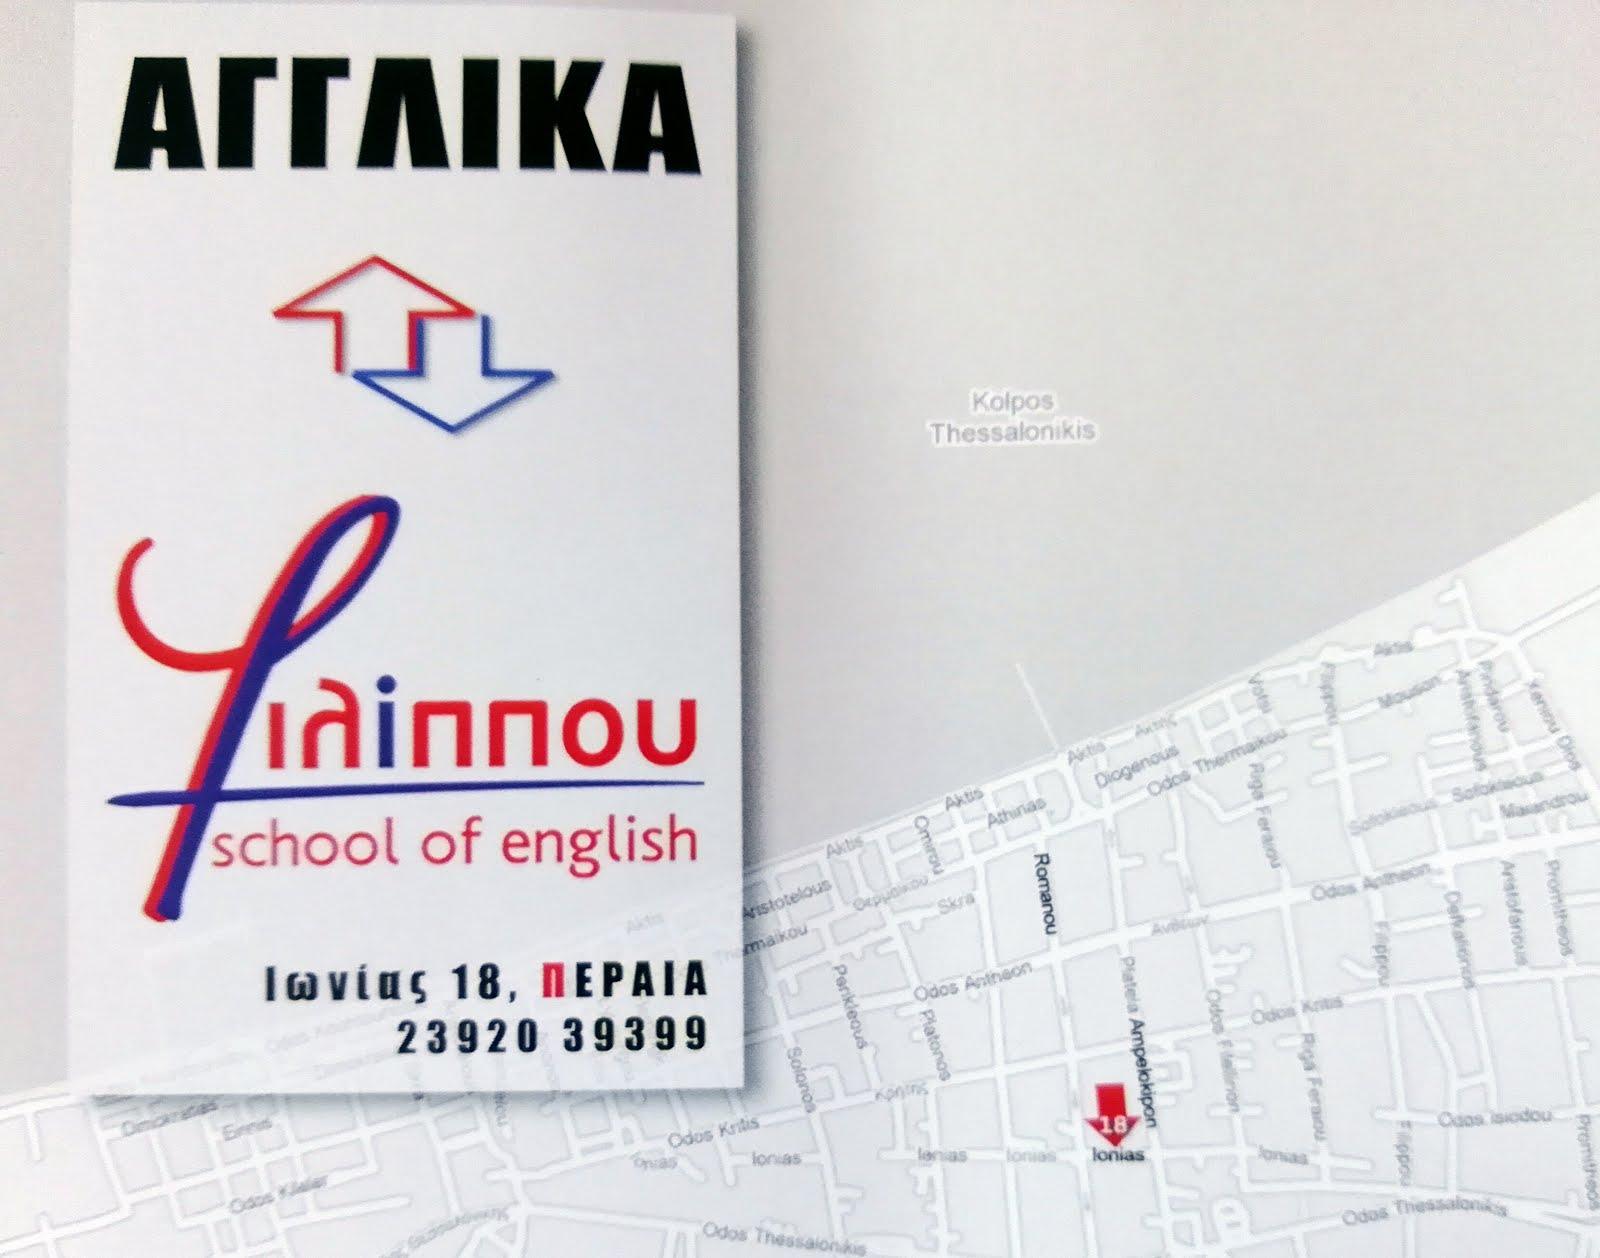 ΦΙΛΙΠΠΟΥ - school of english ... στην ΠΕΡΑΙΑ